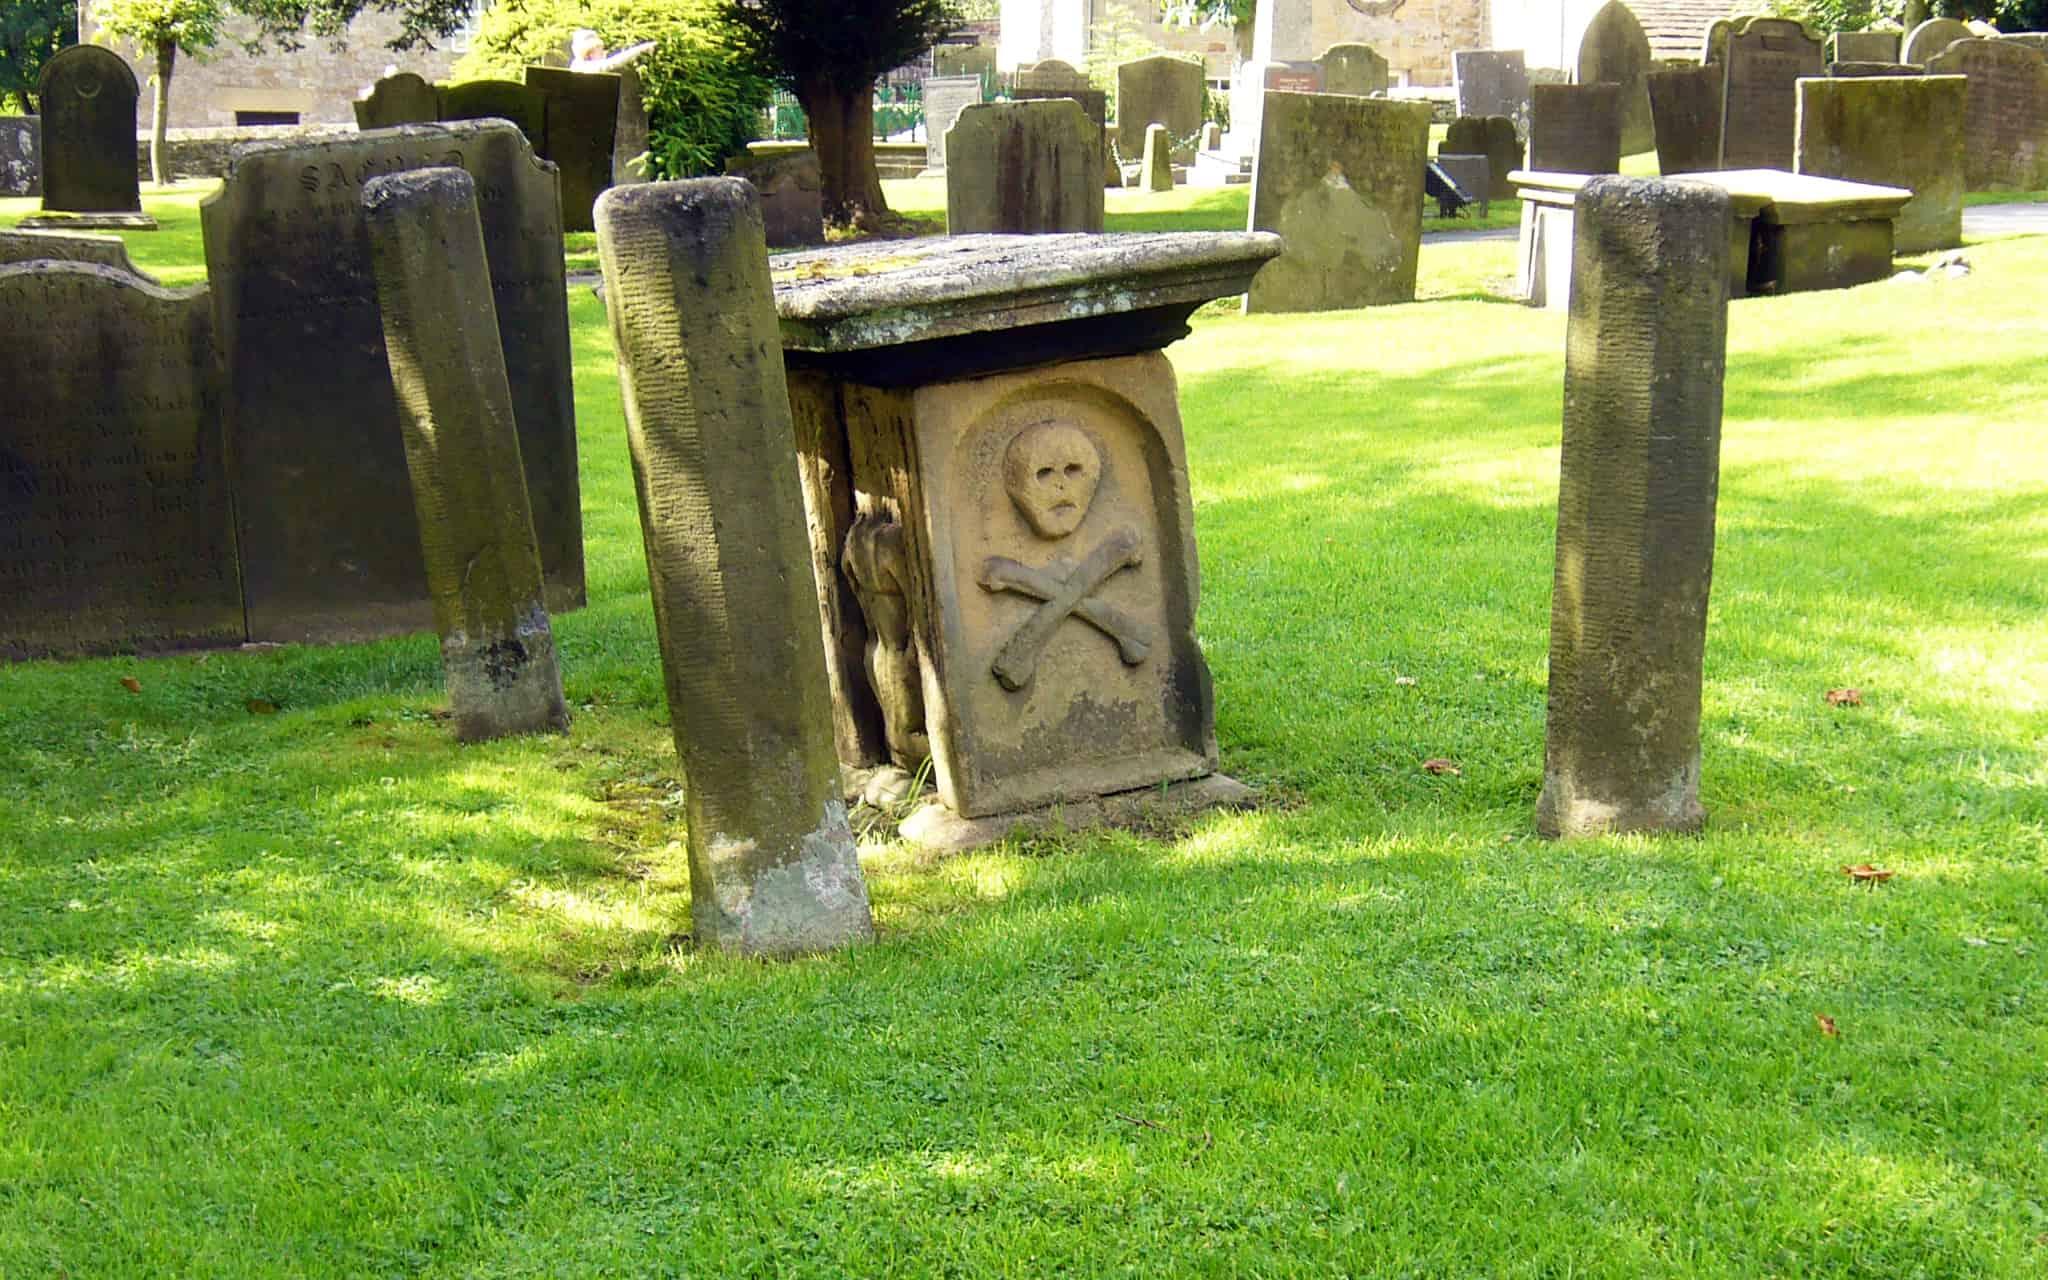 מצבה בבית הקברות של איאם, תזכורת למתי המגפה בכפר במאה ה-17 (צילום: Tony Bacon / CC BY-SA 2.0)